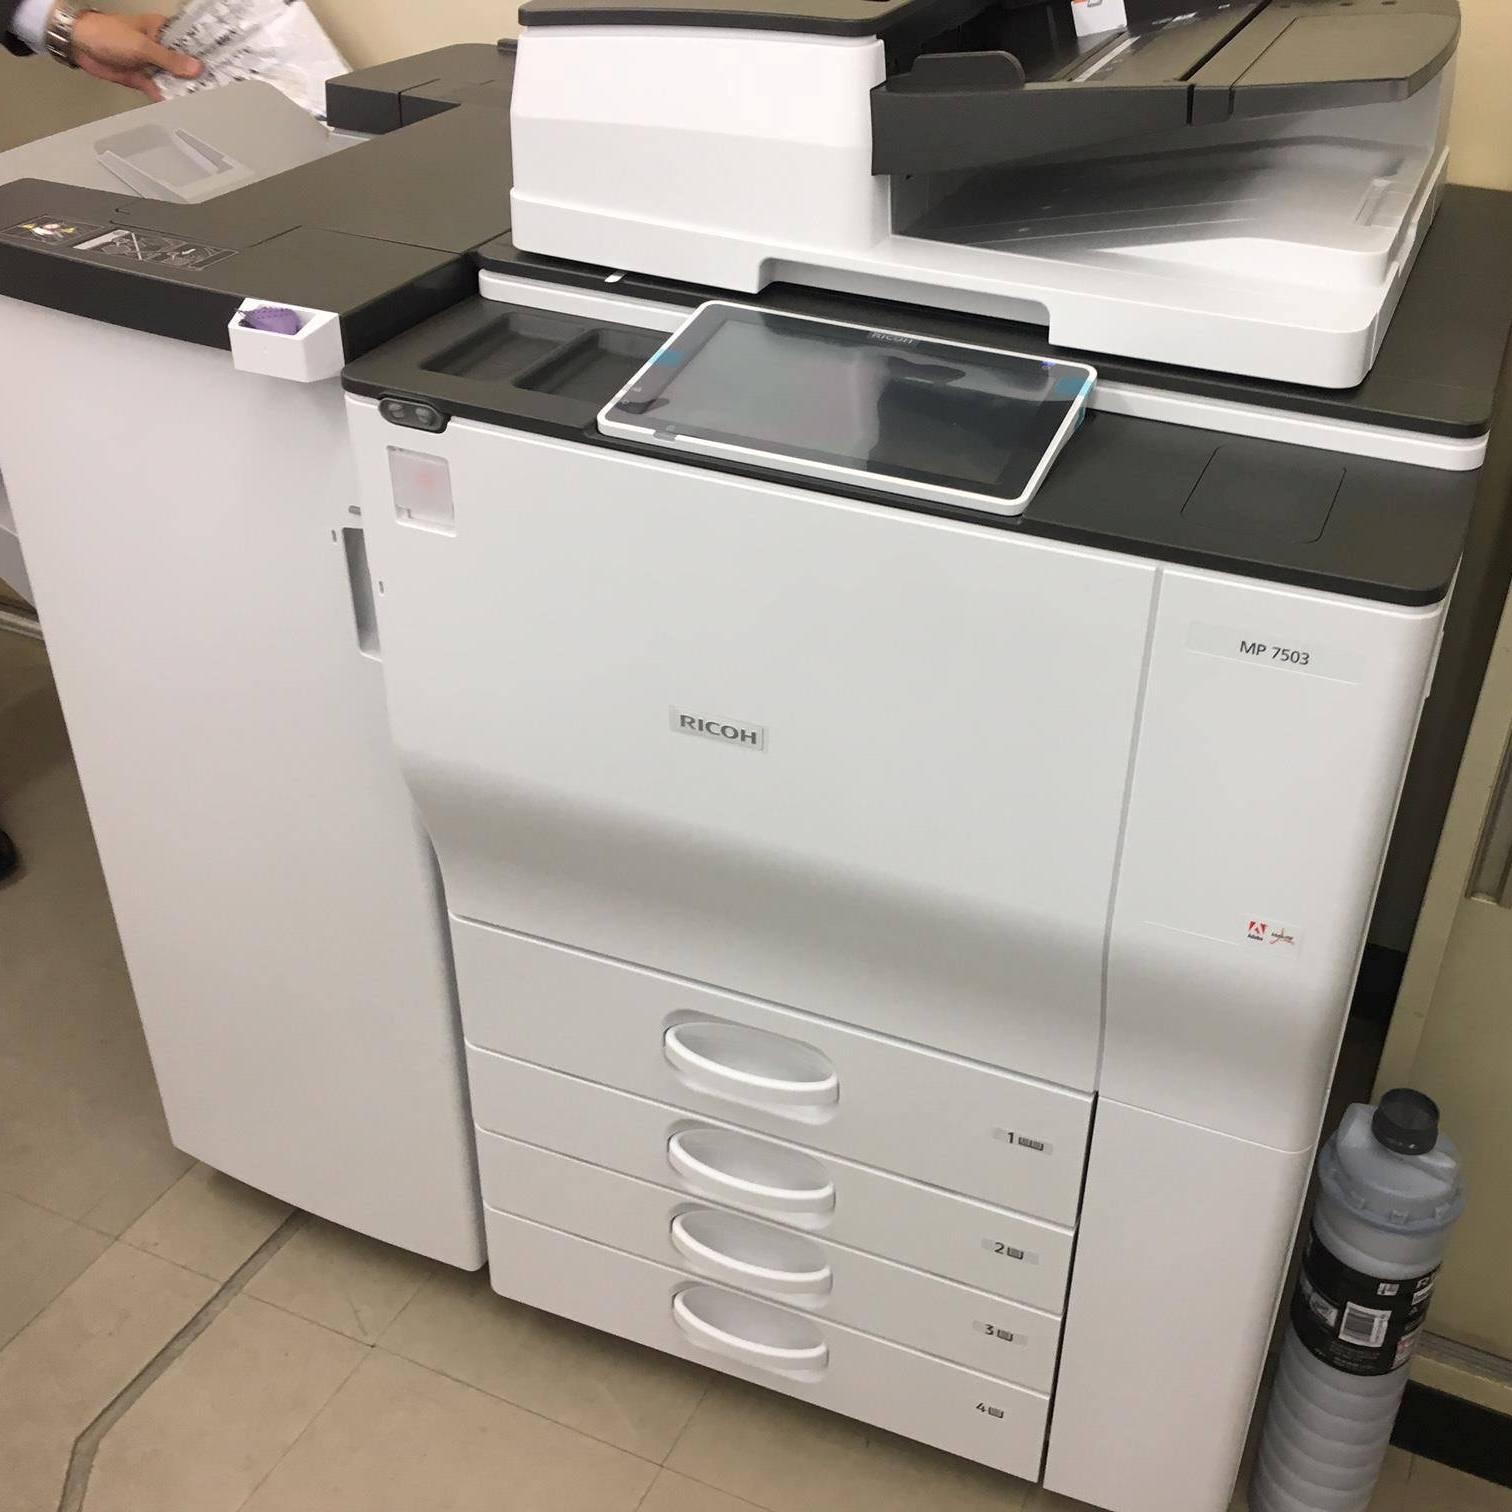 徳島・香川のオフィス内装工事|デジタルモノクロ複合機(リコー・MP7503SP)